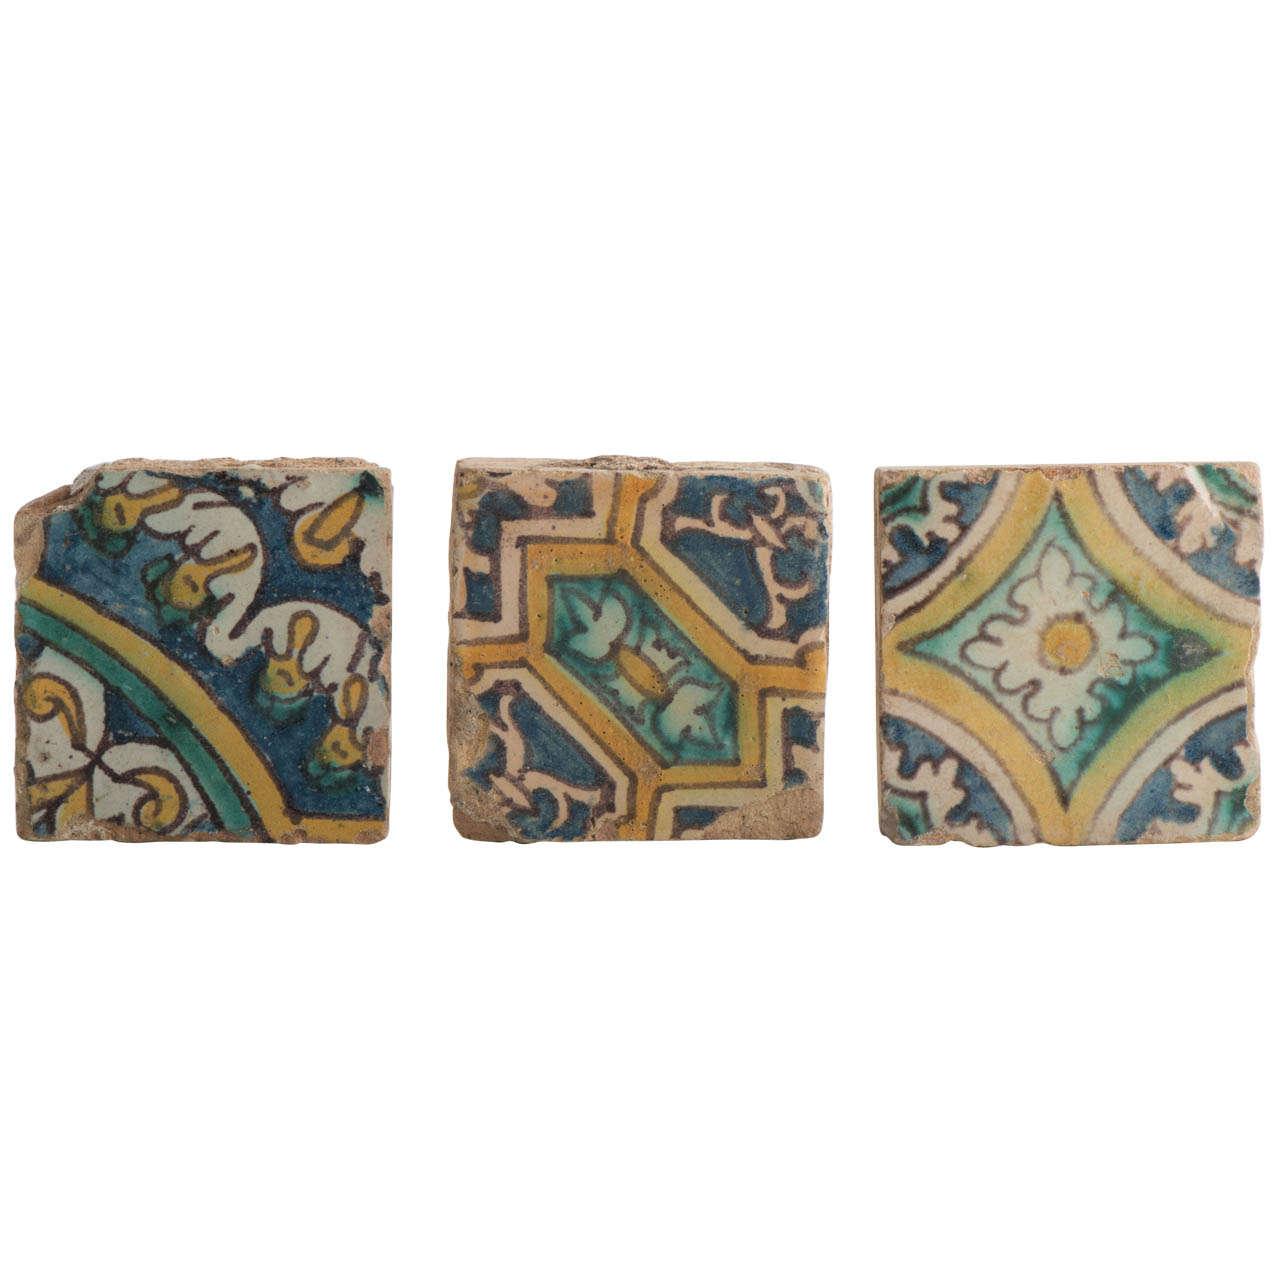 Spanish floor tiles, ca. 1580